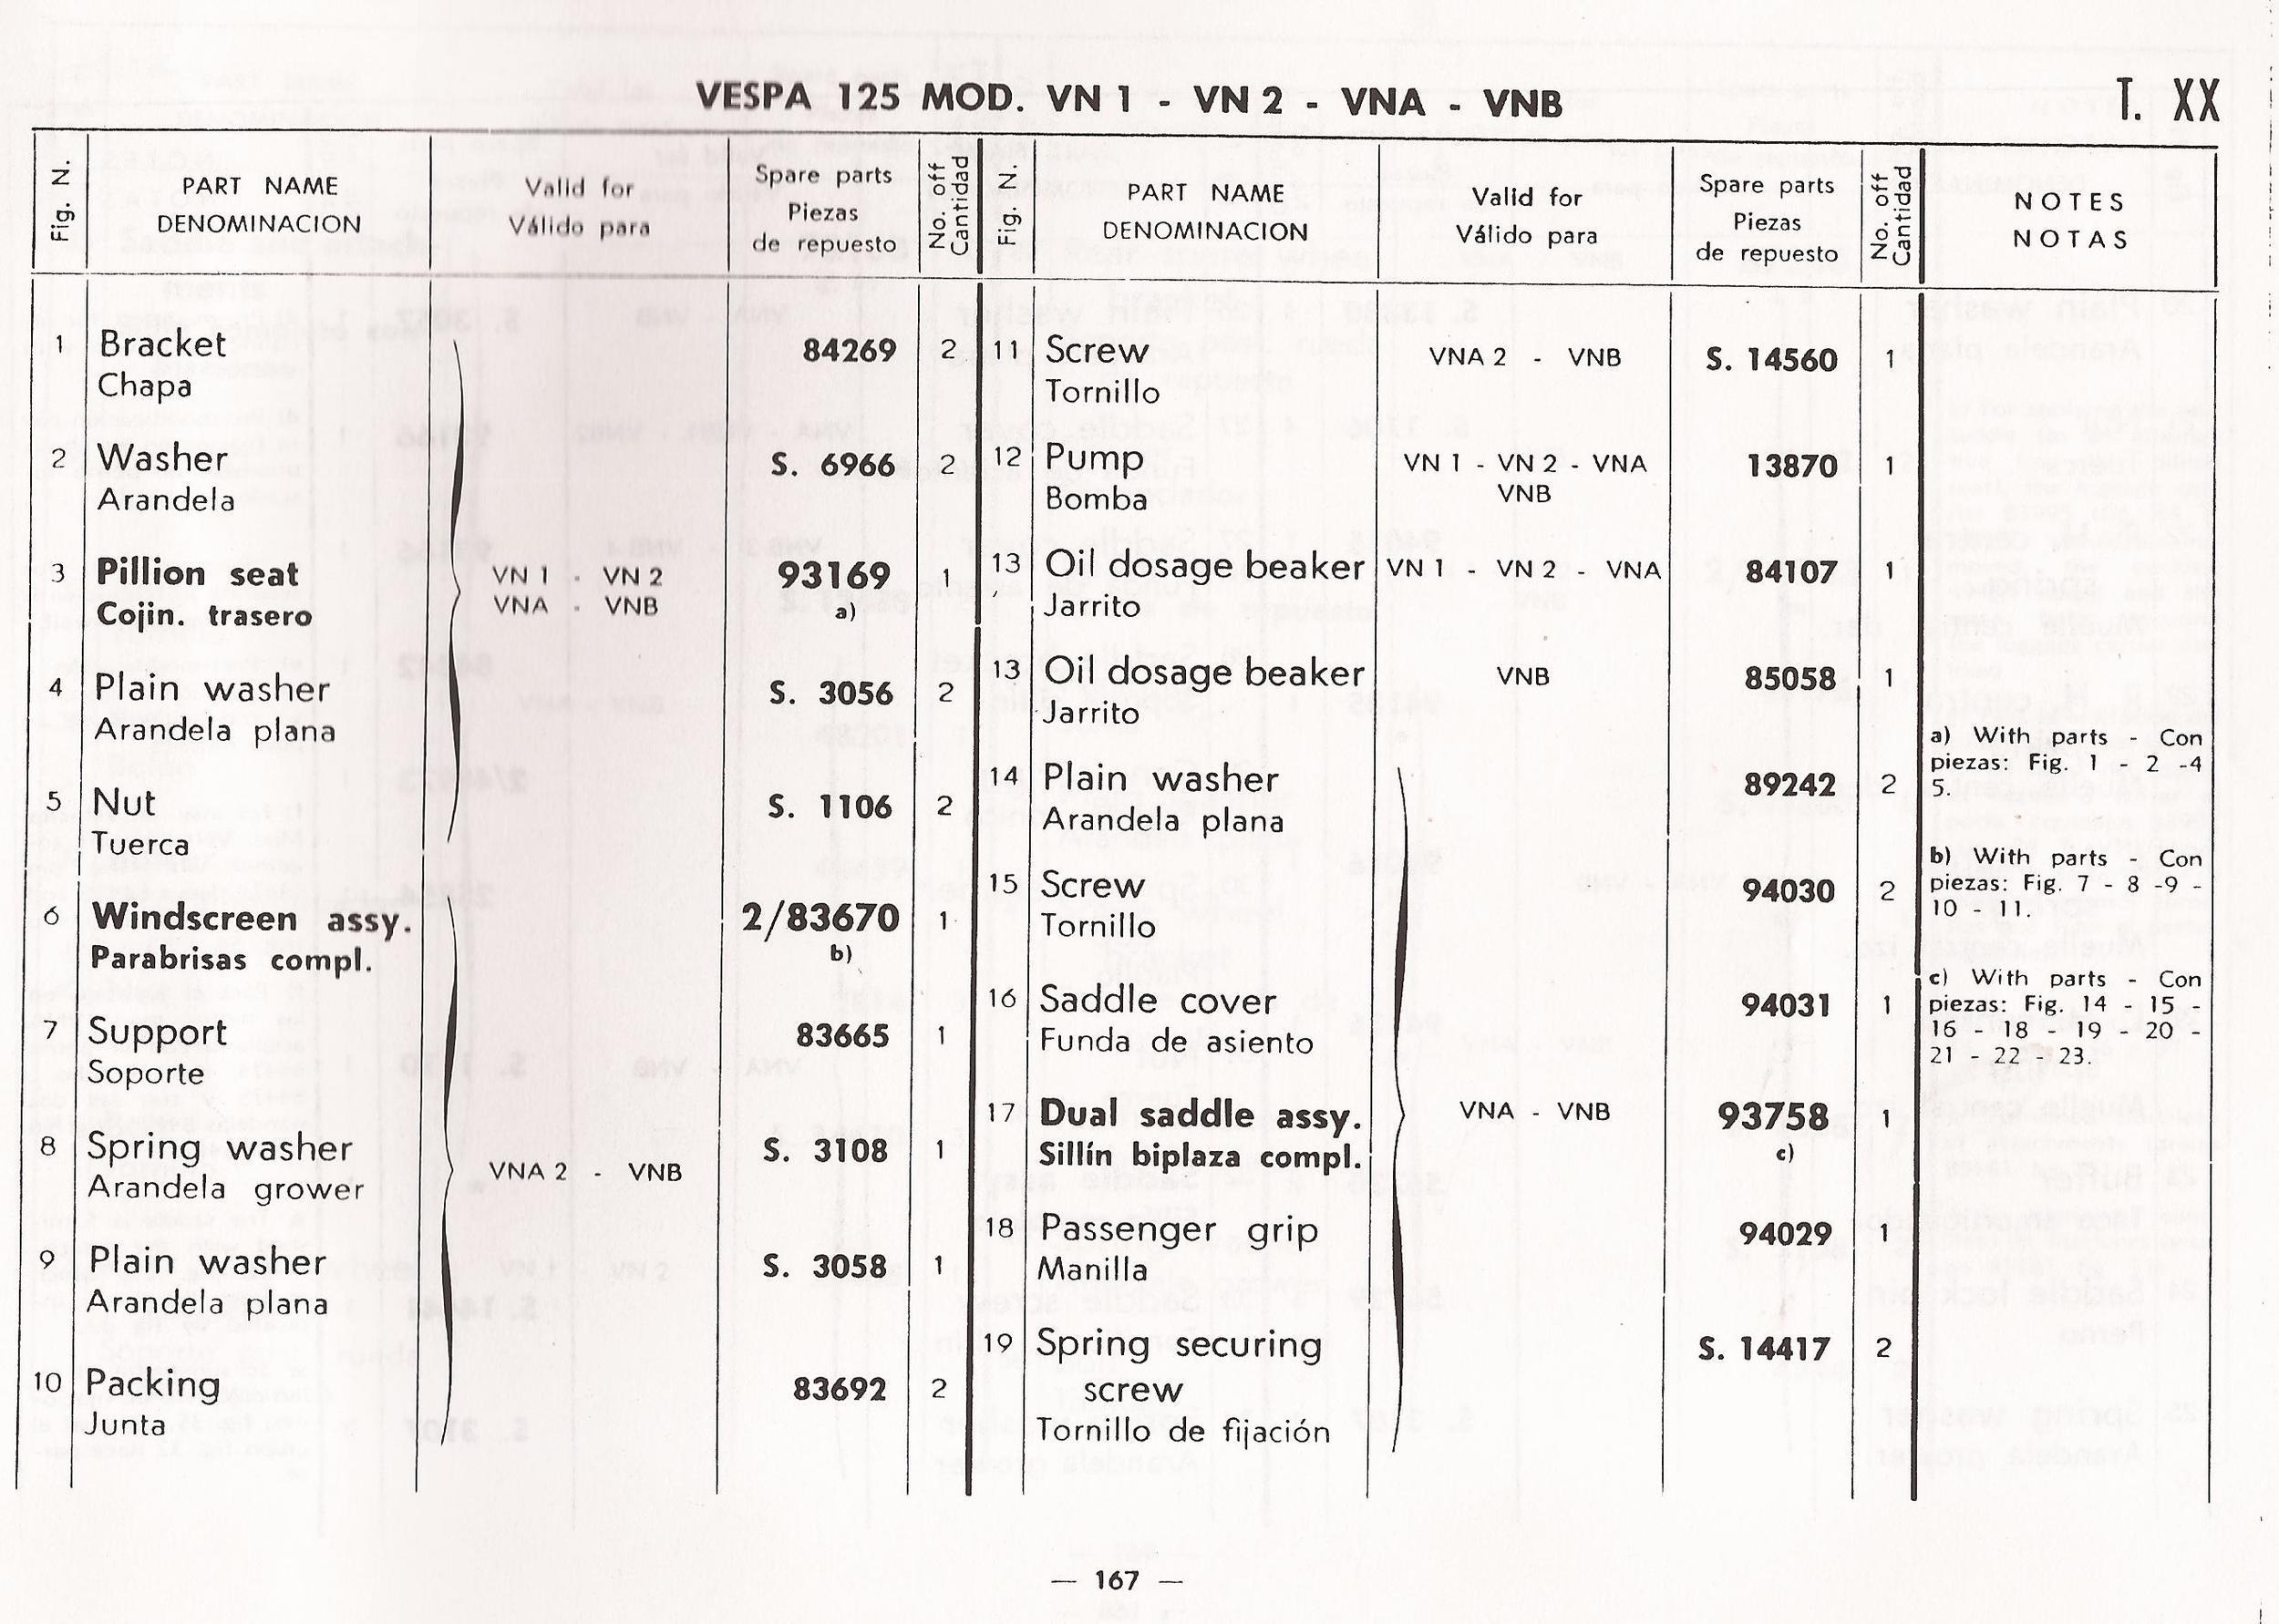 07-16-2013 vespa 125 catalog manuel 177.jpg